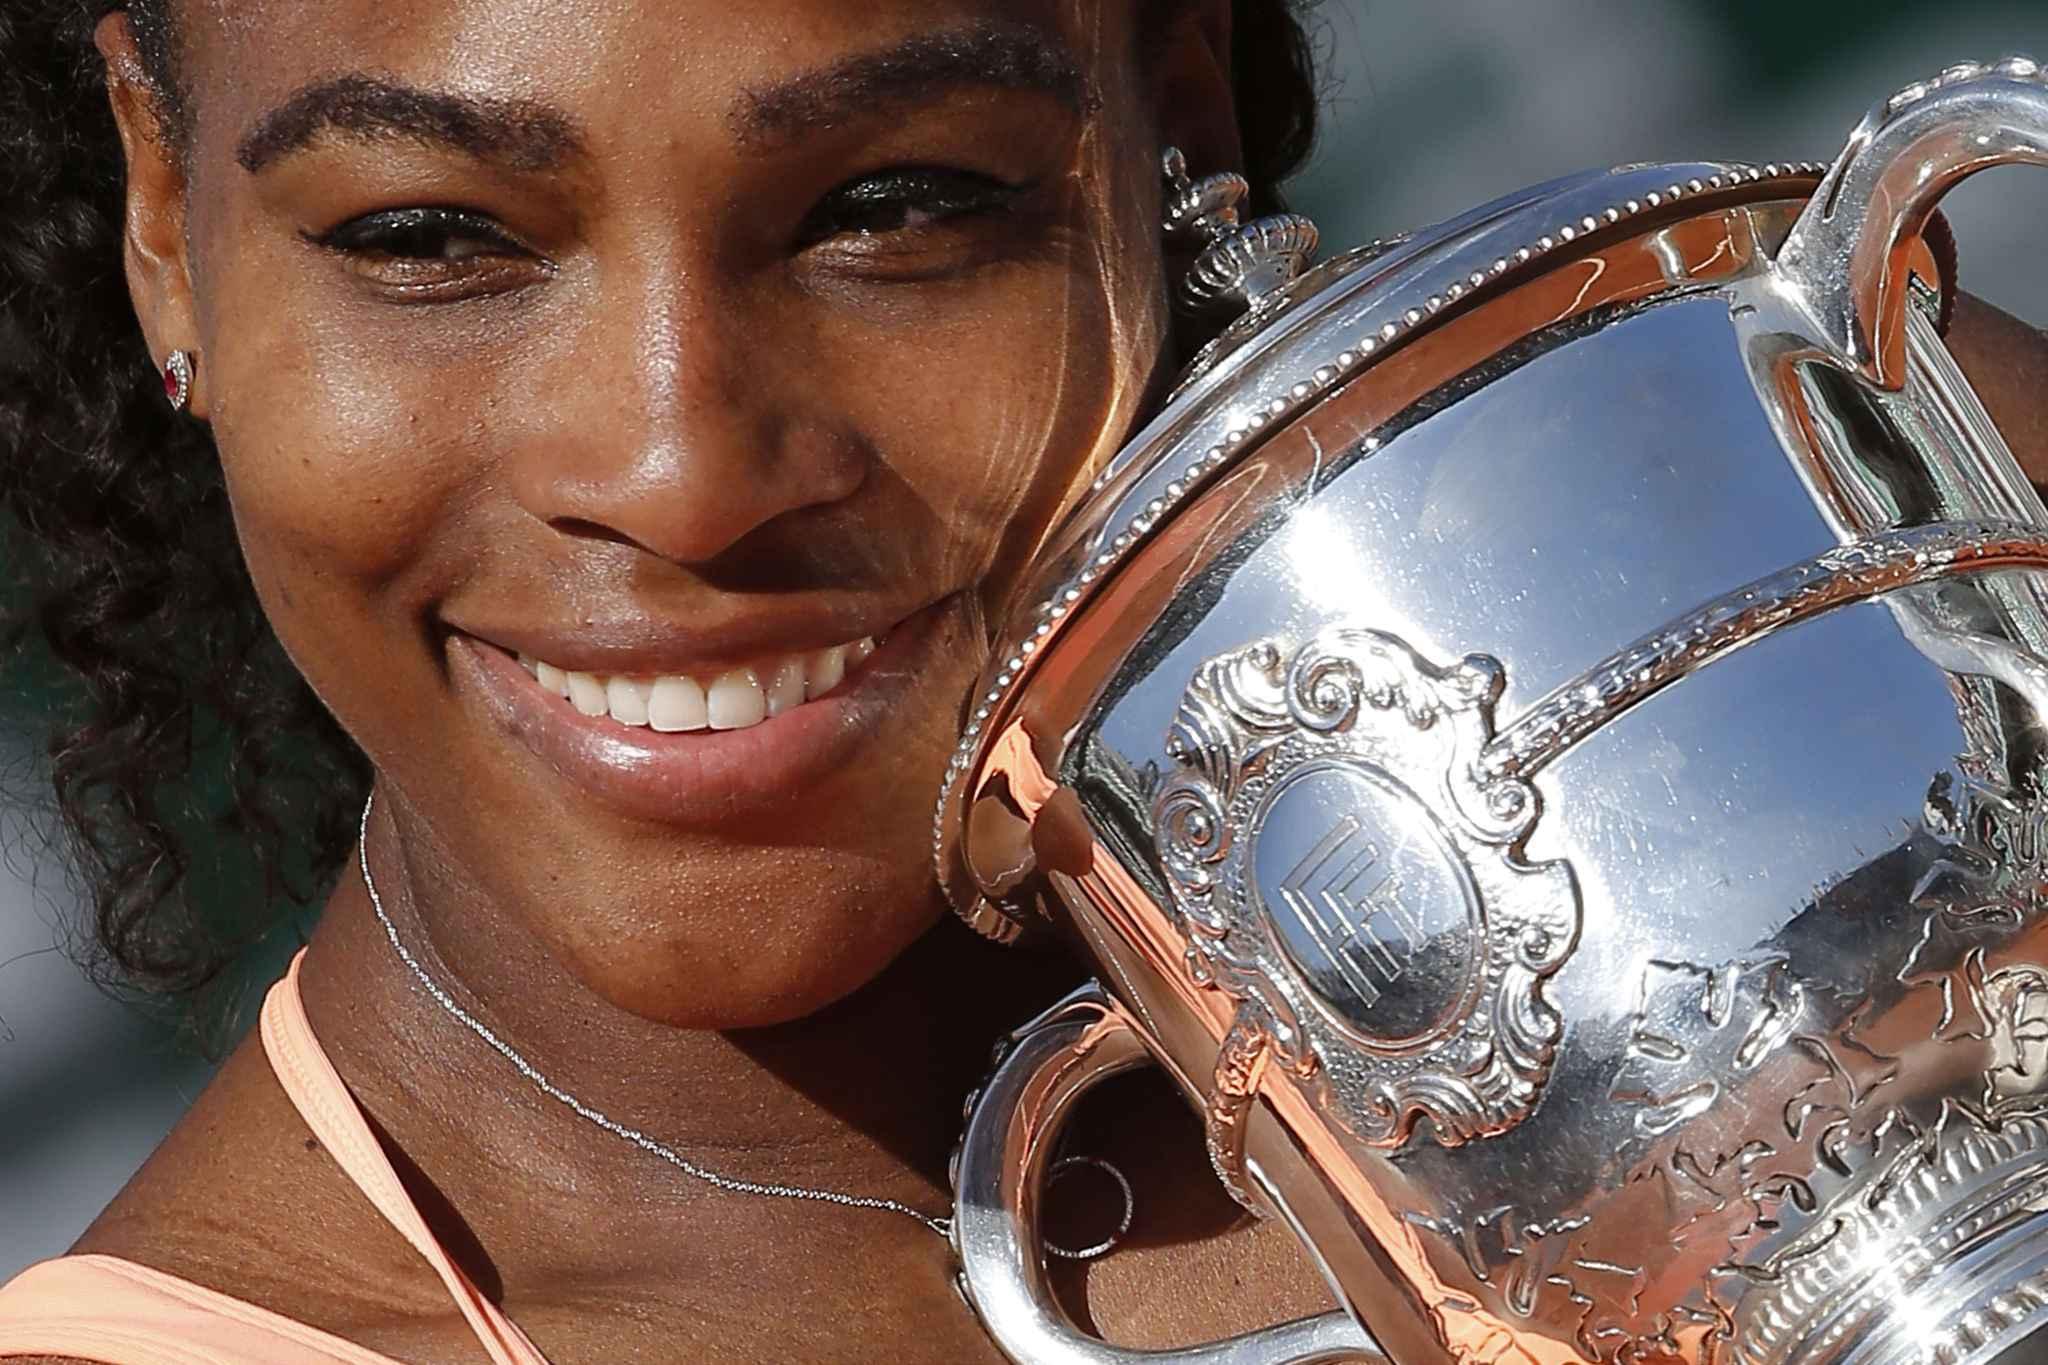 <b>Roland-Garros</b>: «Je me suis dit que j&#39;allais perdre», avoue Serena Williams - 2048x1536-fit_serena-williams-victorieuse-roland-garros-tient-20e-trophee-grand-chelem-carriere-mains-6-juin-2015